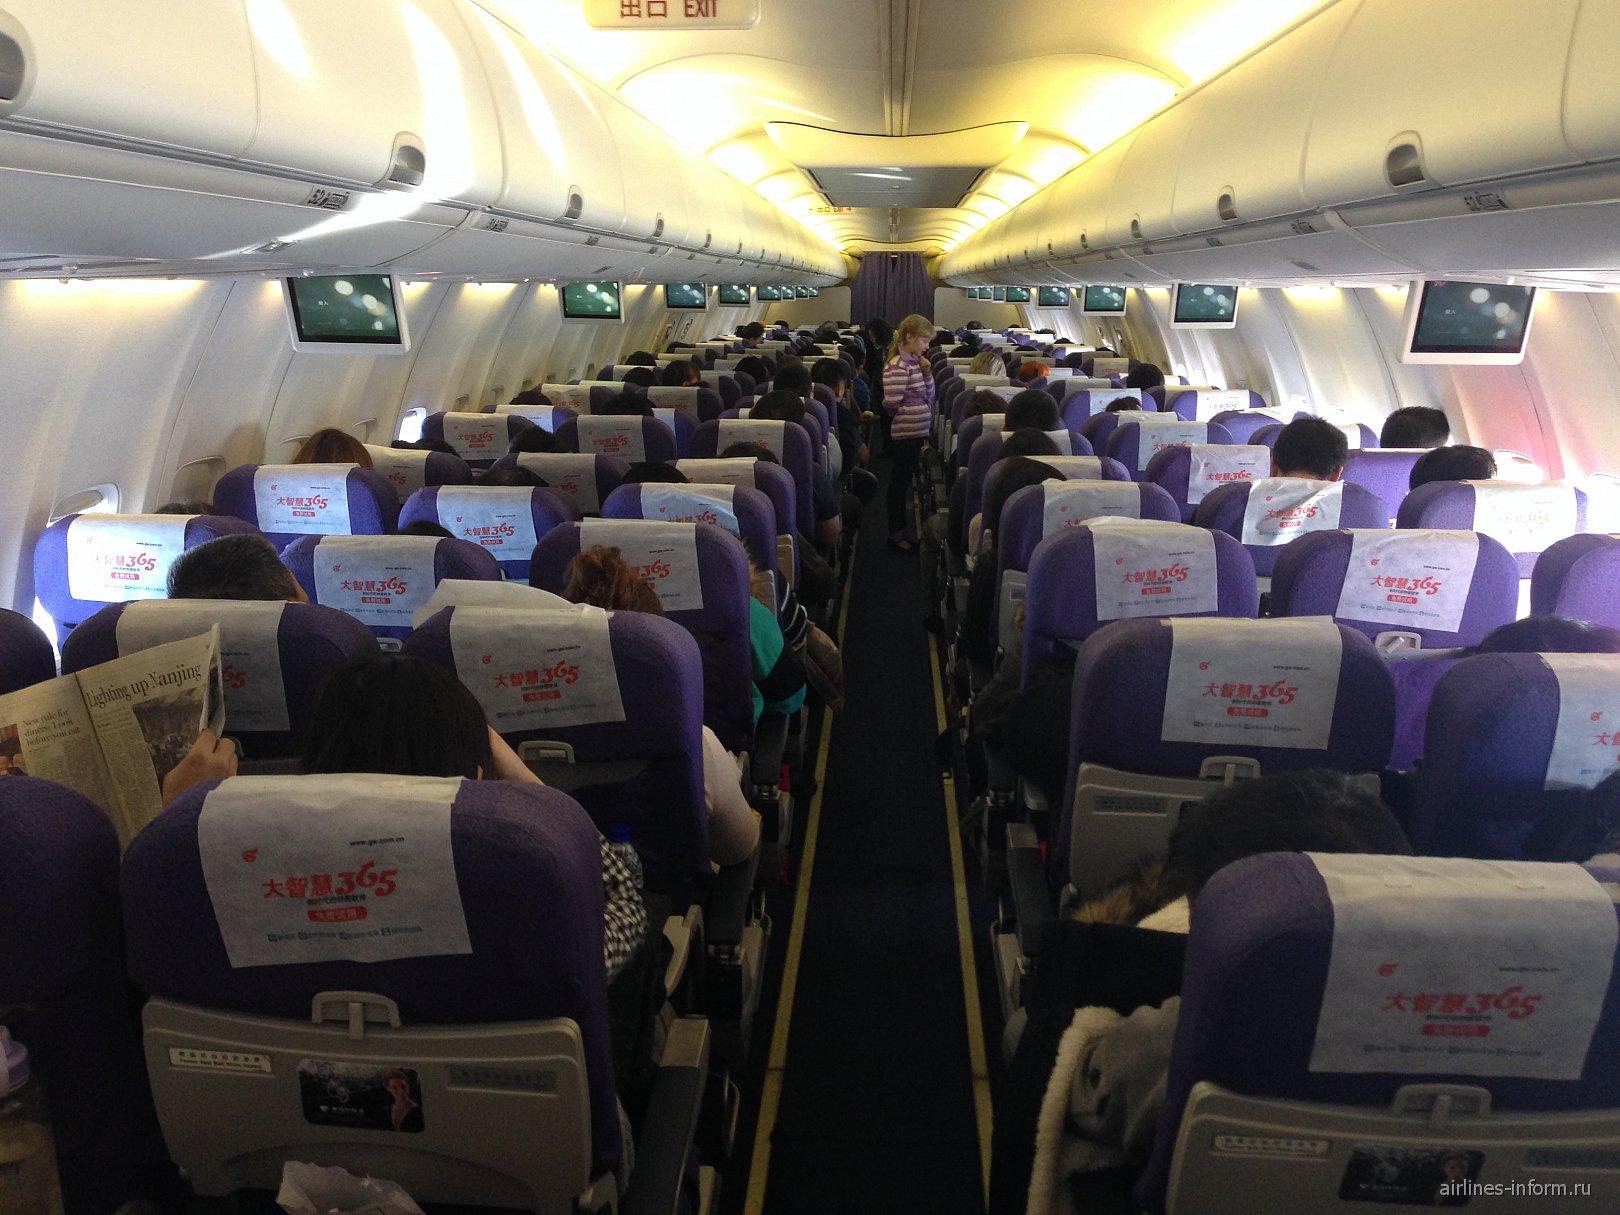 Салон самолета Боинг-737-800 Шанхайских авиалиний